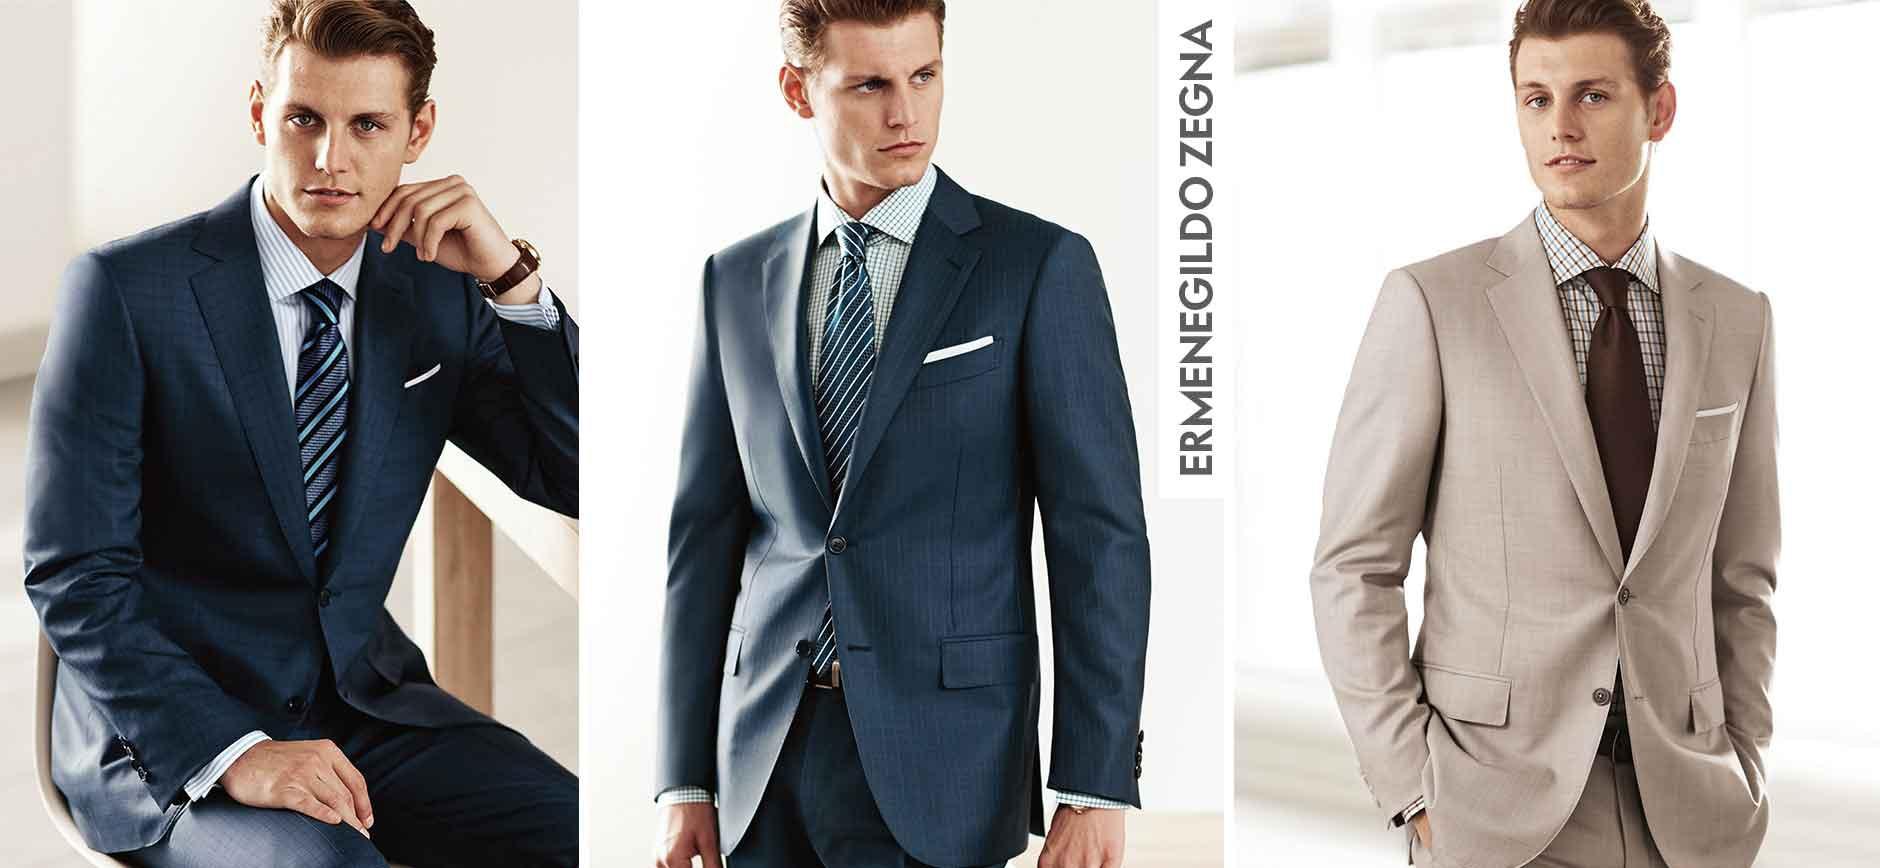 Muốn bảnh bao lịch lãm, bạn sẽ cần nhớ mặt thuộc tên 3 thương hiệu vest hàng đầu này - Ảnh 2.